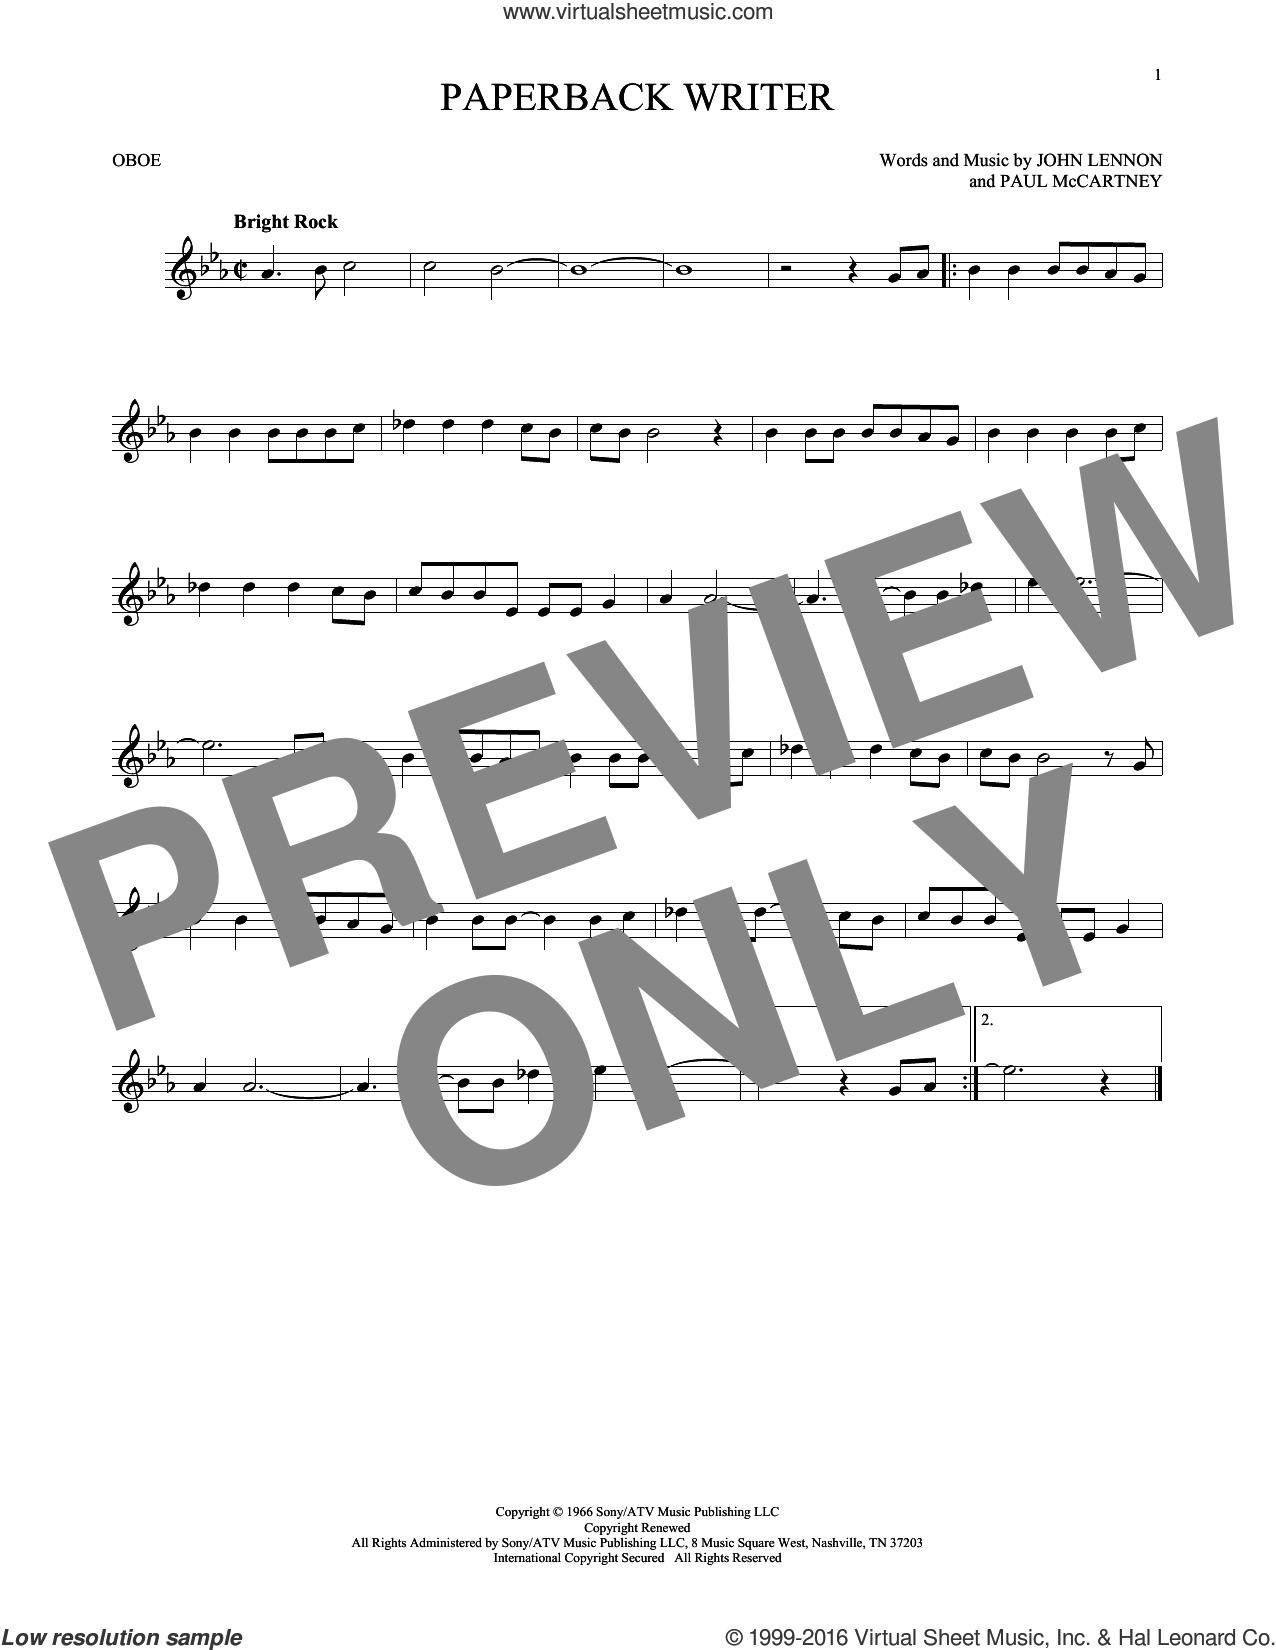 Paperback Writer sheet music for oboe solo by The Beatles, John Lennon and Paul McCartney, intermediate skill level